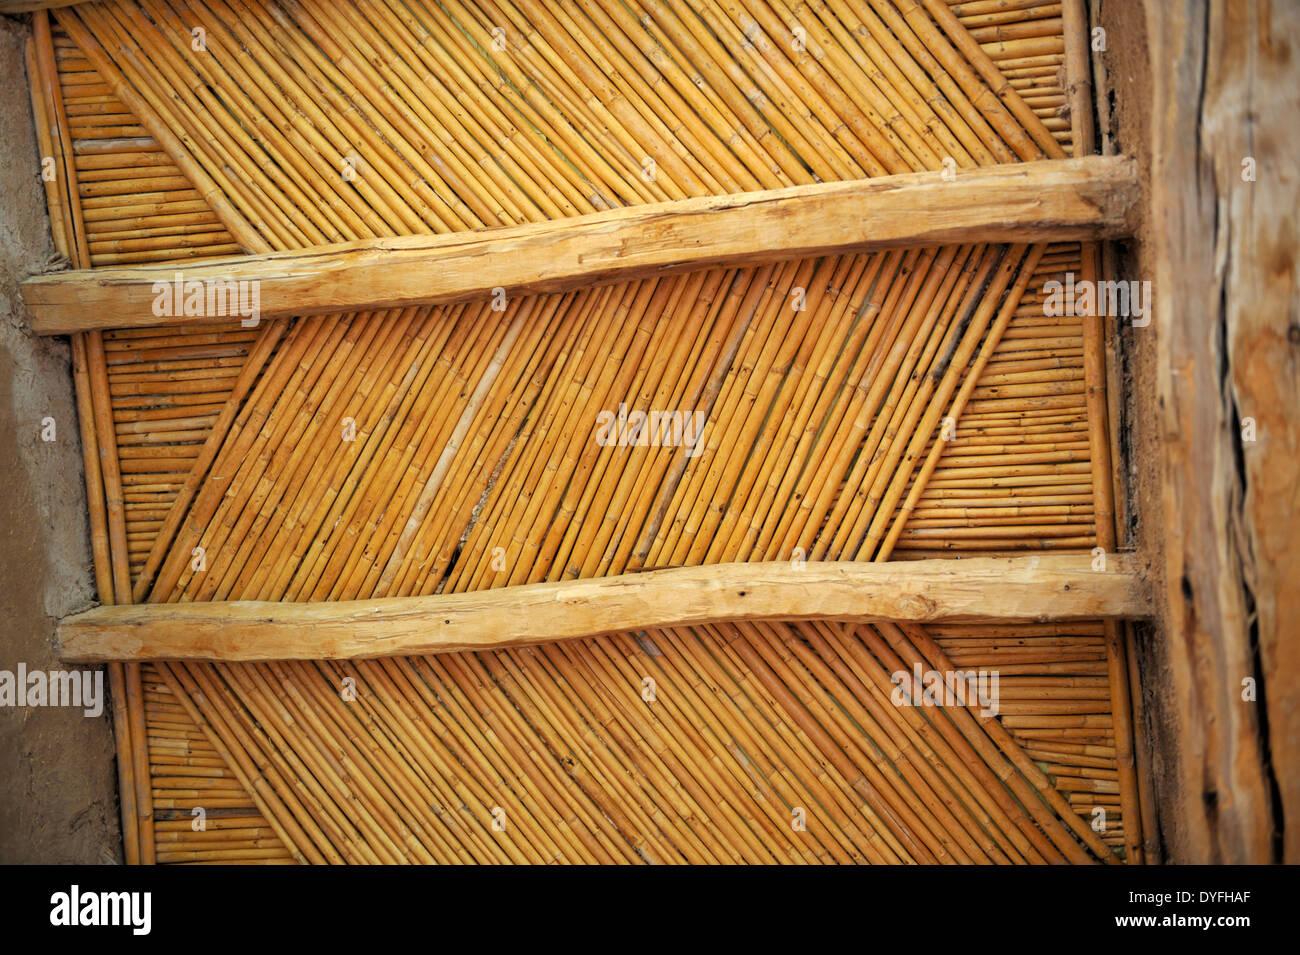 bambus decke mit holzbalken h lt ein adobe flachdach mit dem ton direkt auf dem bambus marokko. Black Bedroom Furniture Sets. Home Design Ideas